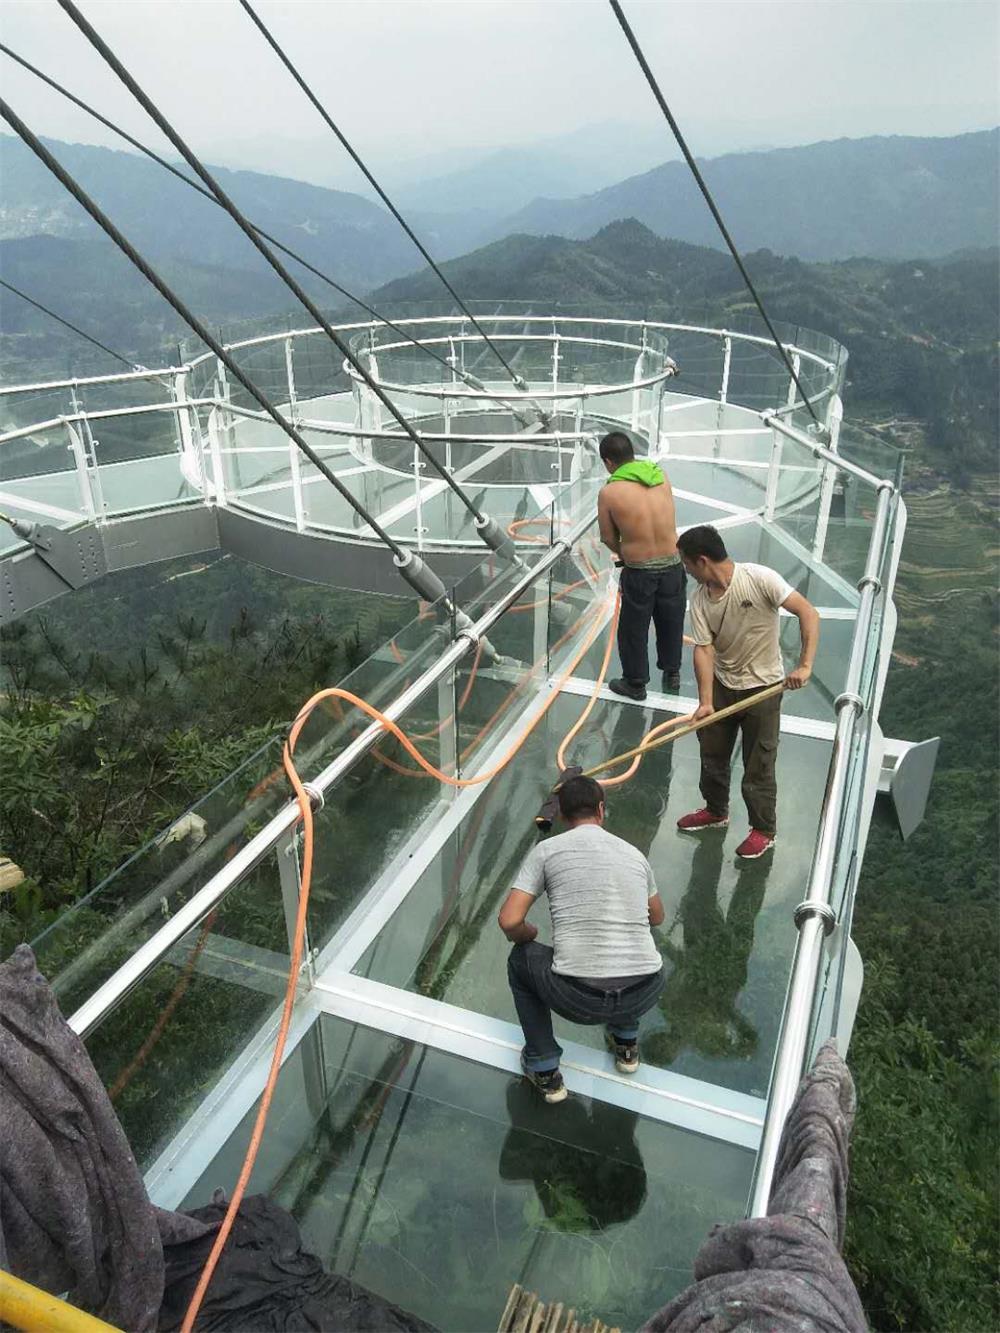 山东玻璃观景台哪家好-想要专业的娱乐休闲项目就找盛达游乐设施